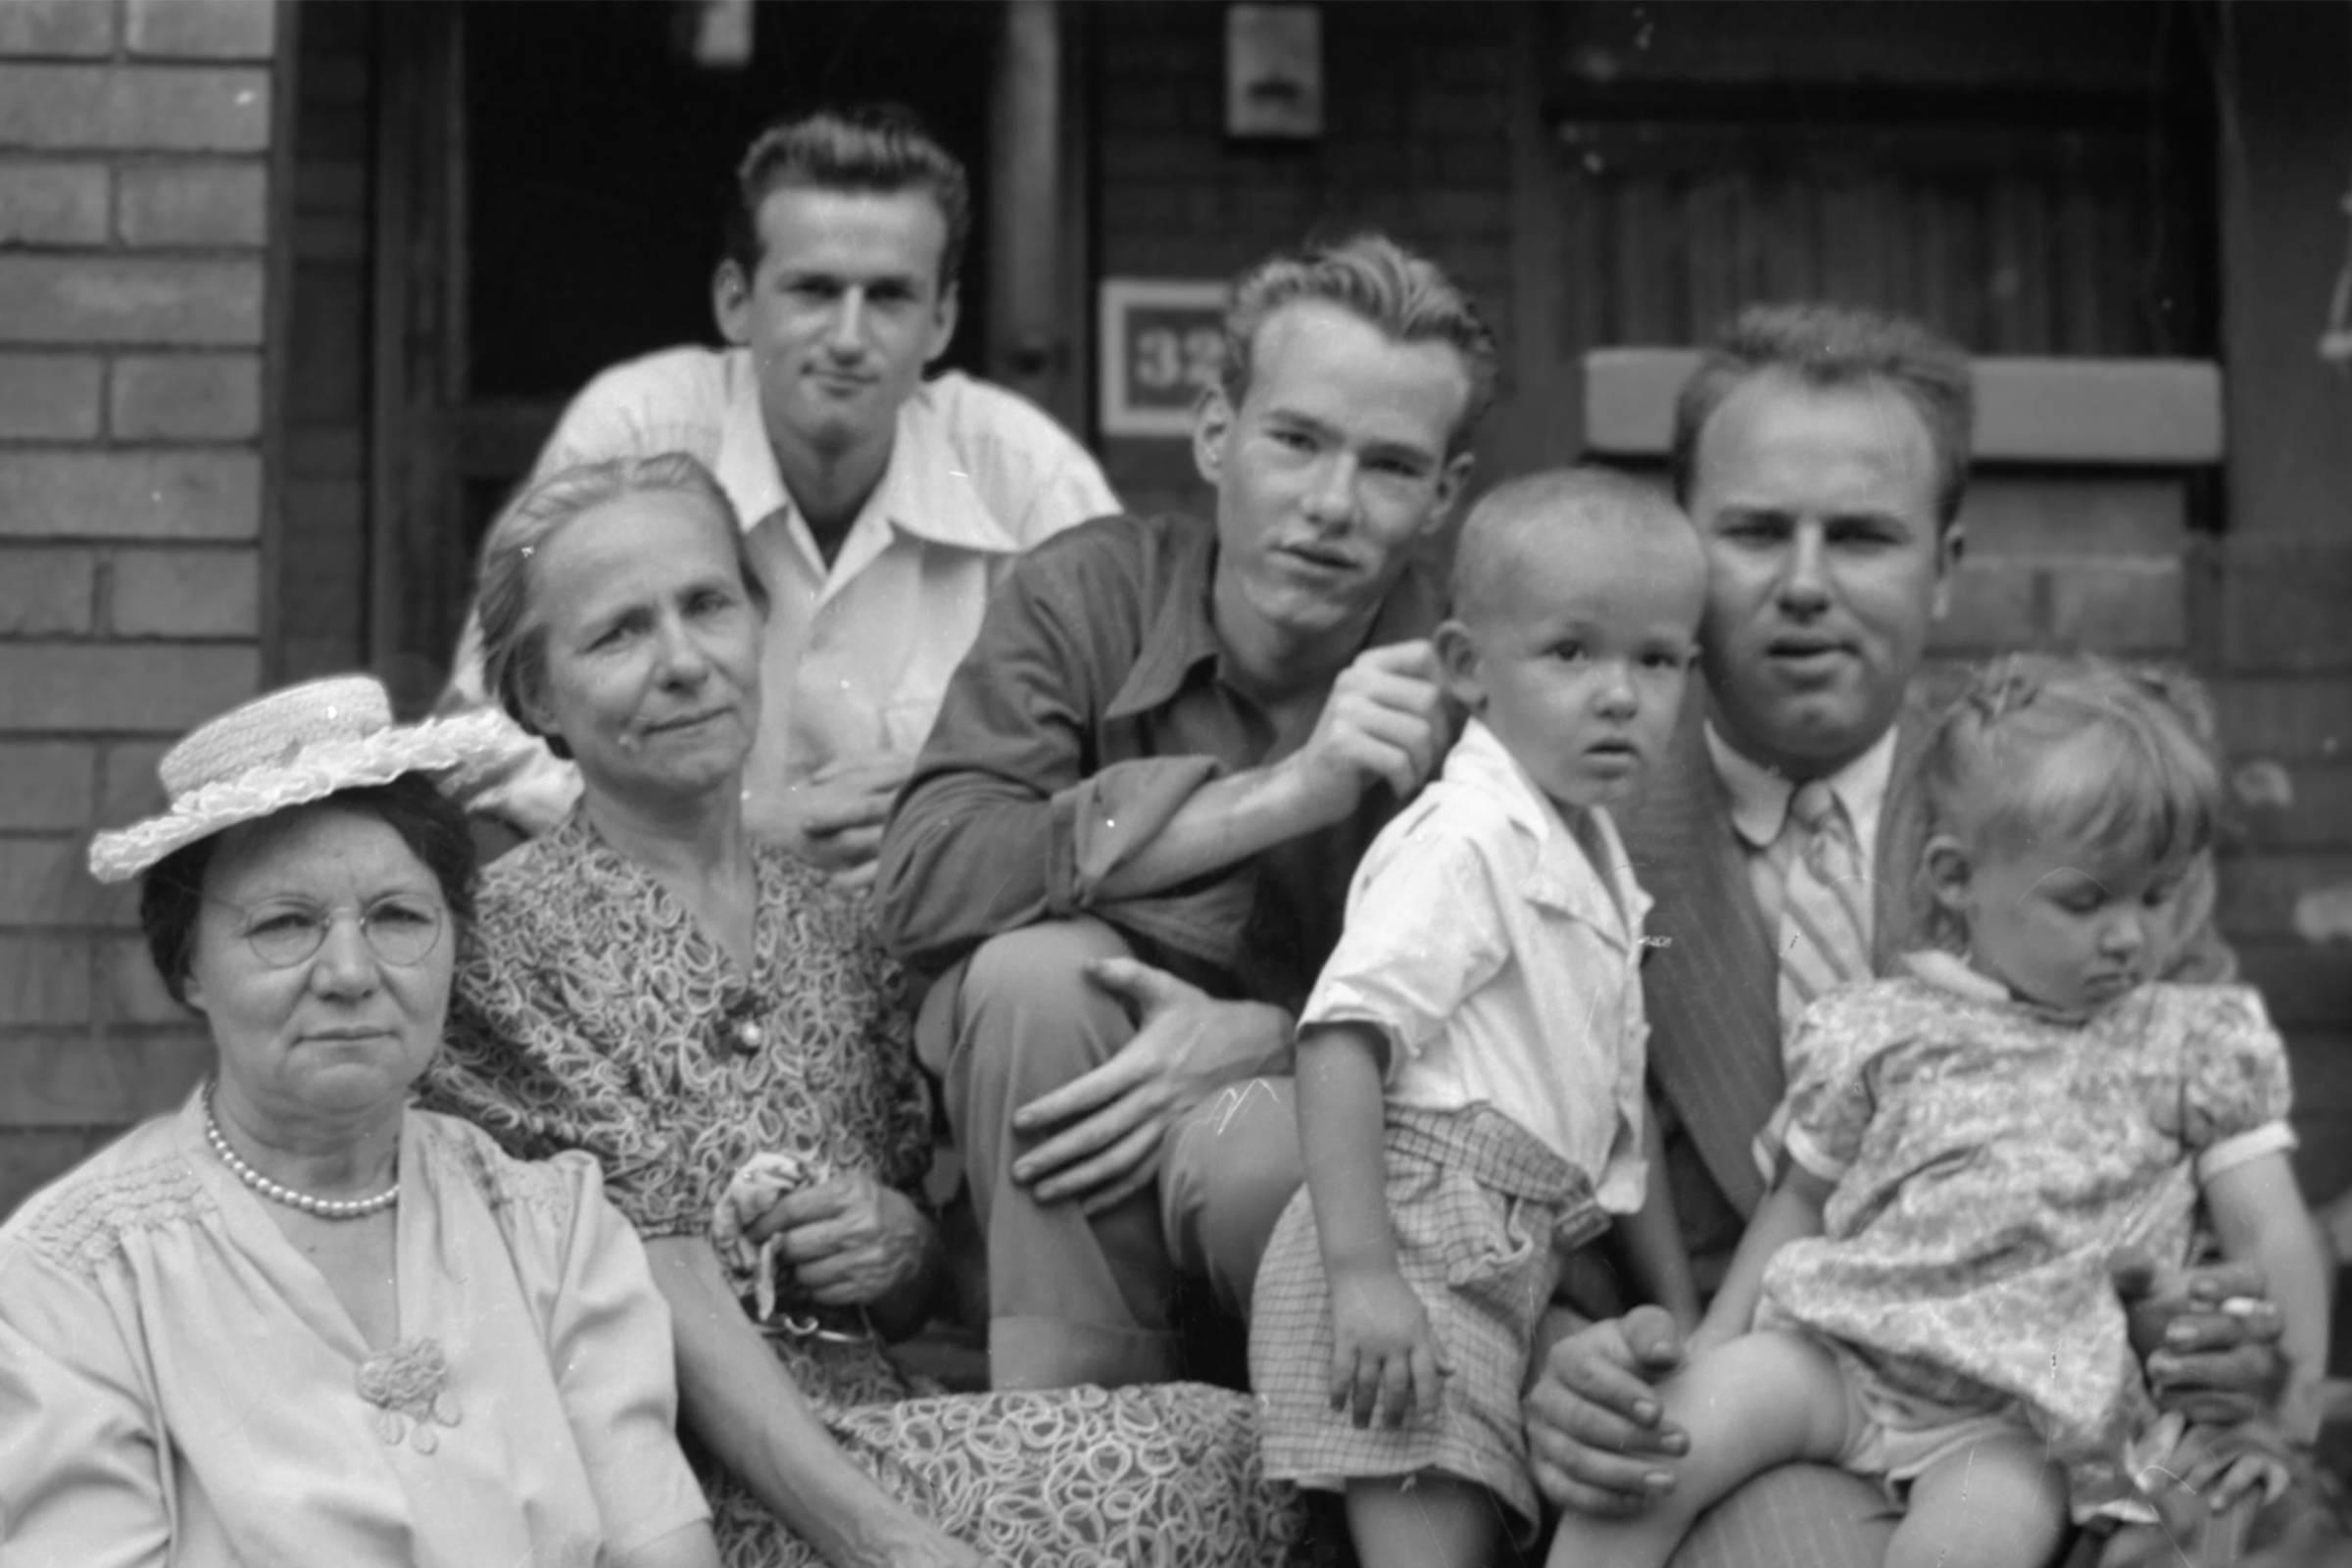 Юный Уорхол (в центре) в окружении семьи, 1940-е годы